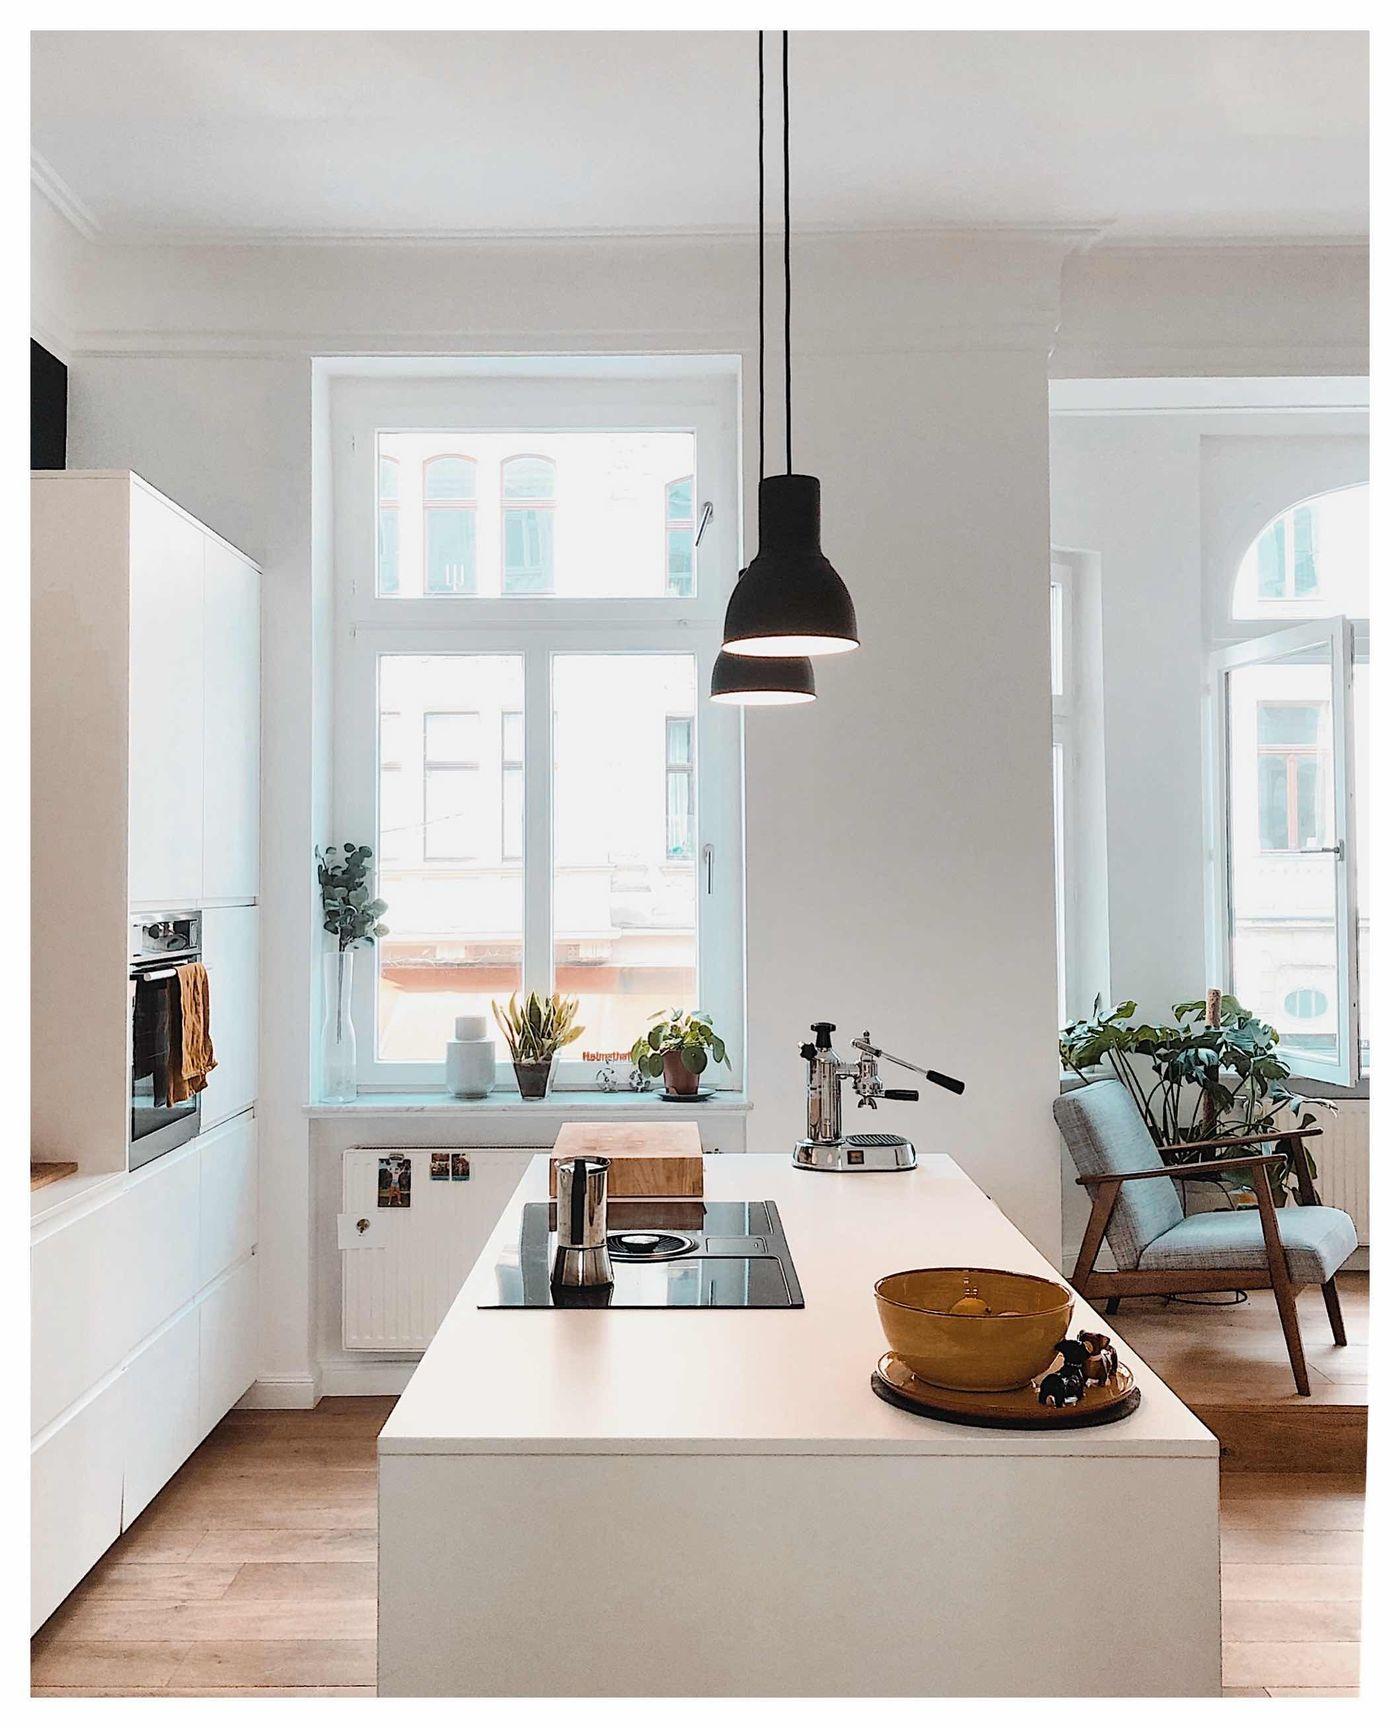 Full Size of Ikea Kchen Tolle Tipps Und Ideen Fr Kchenplanung Miniküche Küche Mit Geräten Bodenbelag Wasserhahn Hängeschrank Hängeschränke Alno Waschbecken Wohnzimmer Servierwagen Küche Ikea